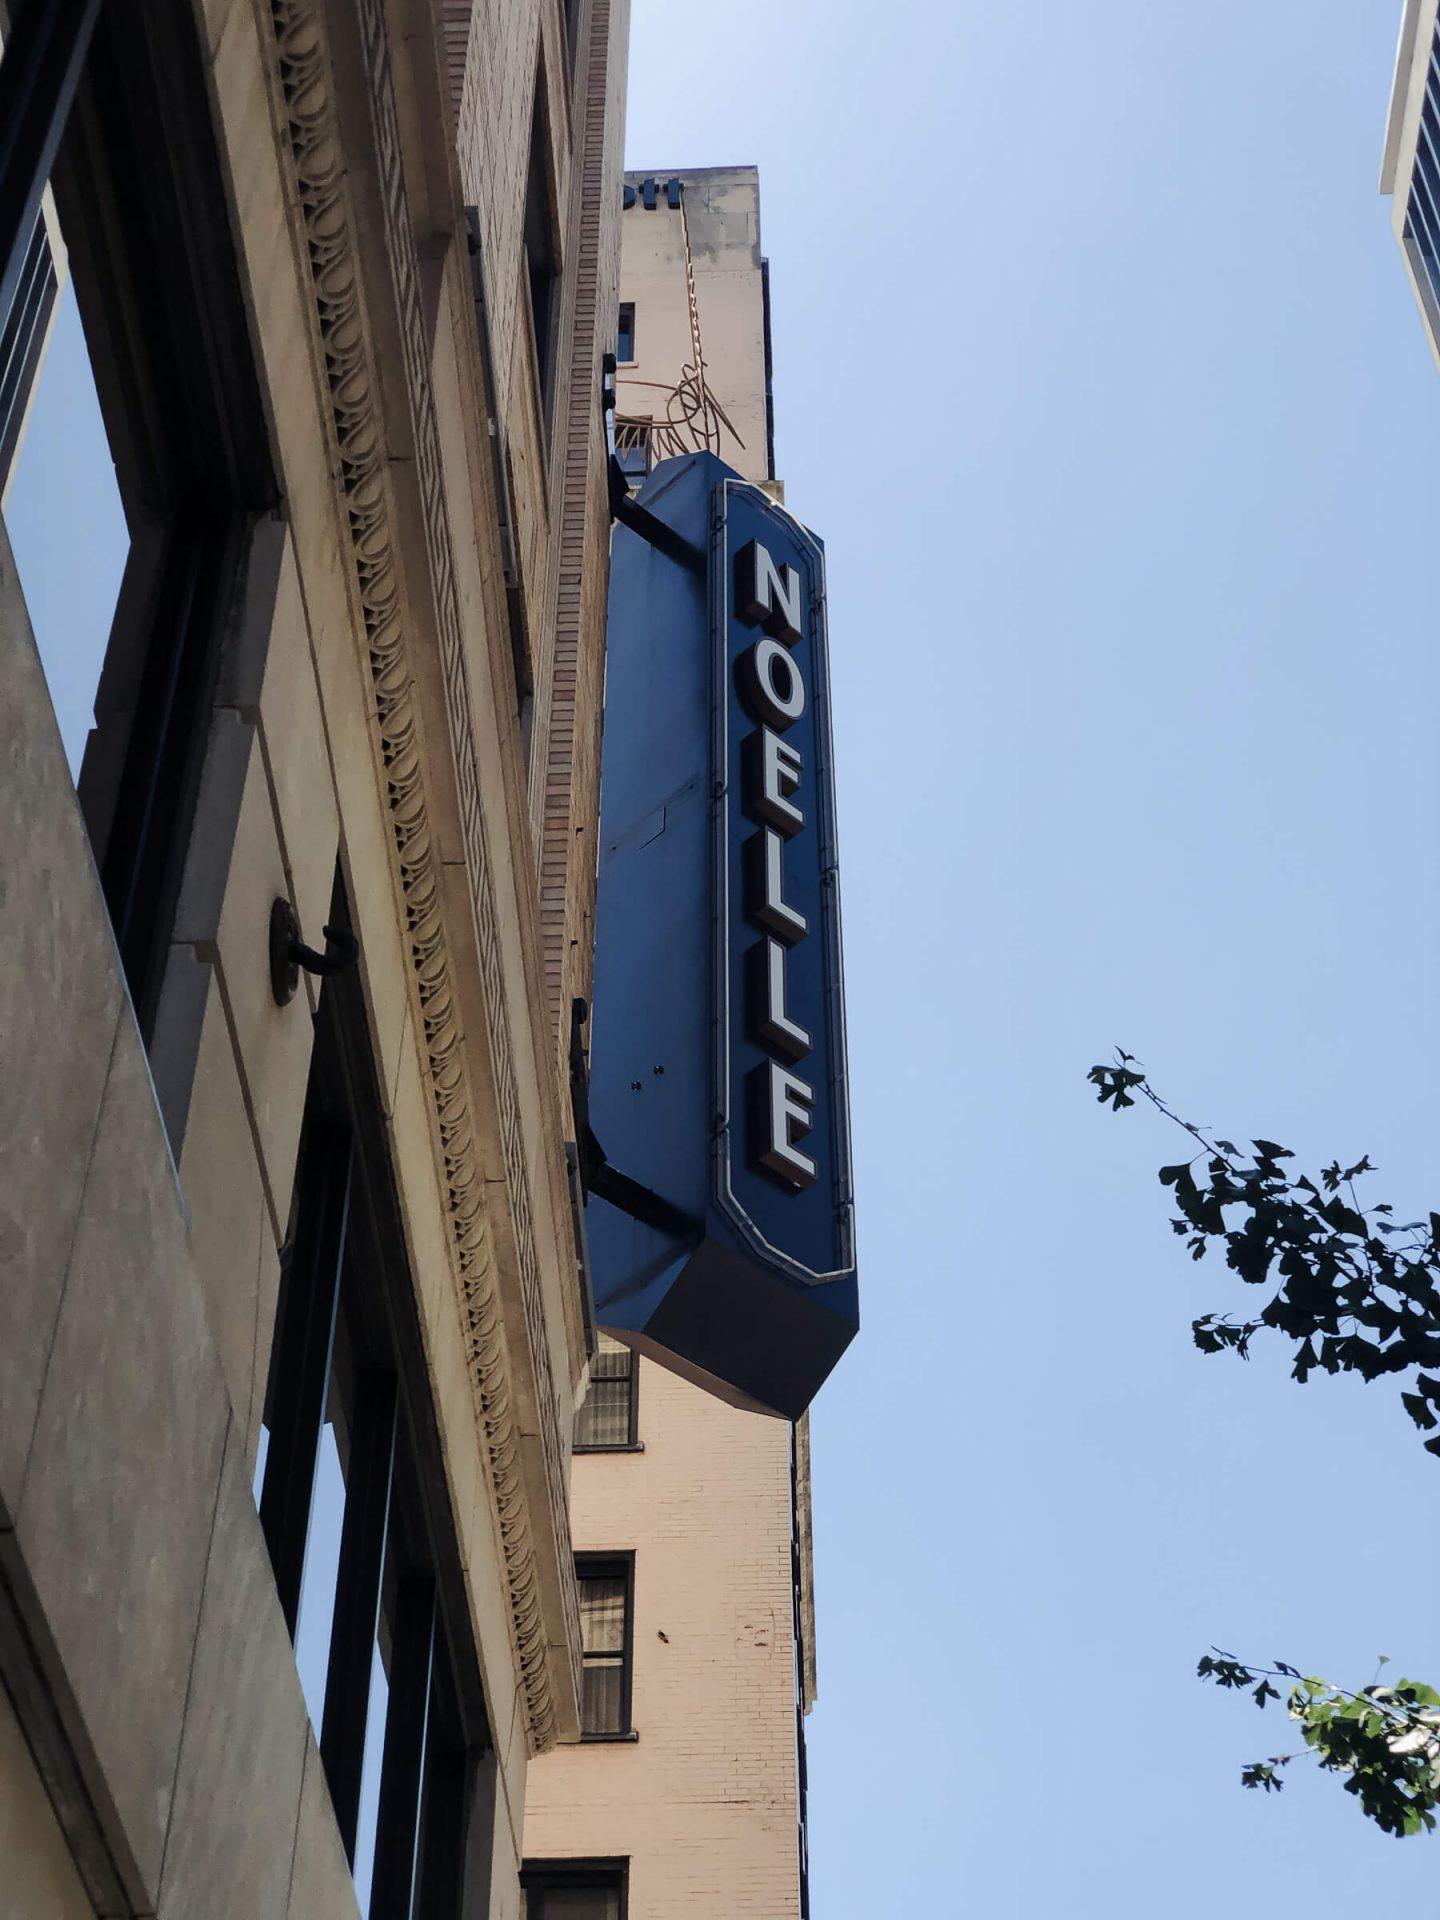 Sababok Nashville Noelle Hotel 1440x1920